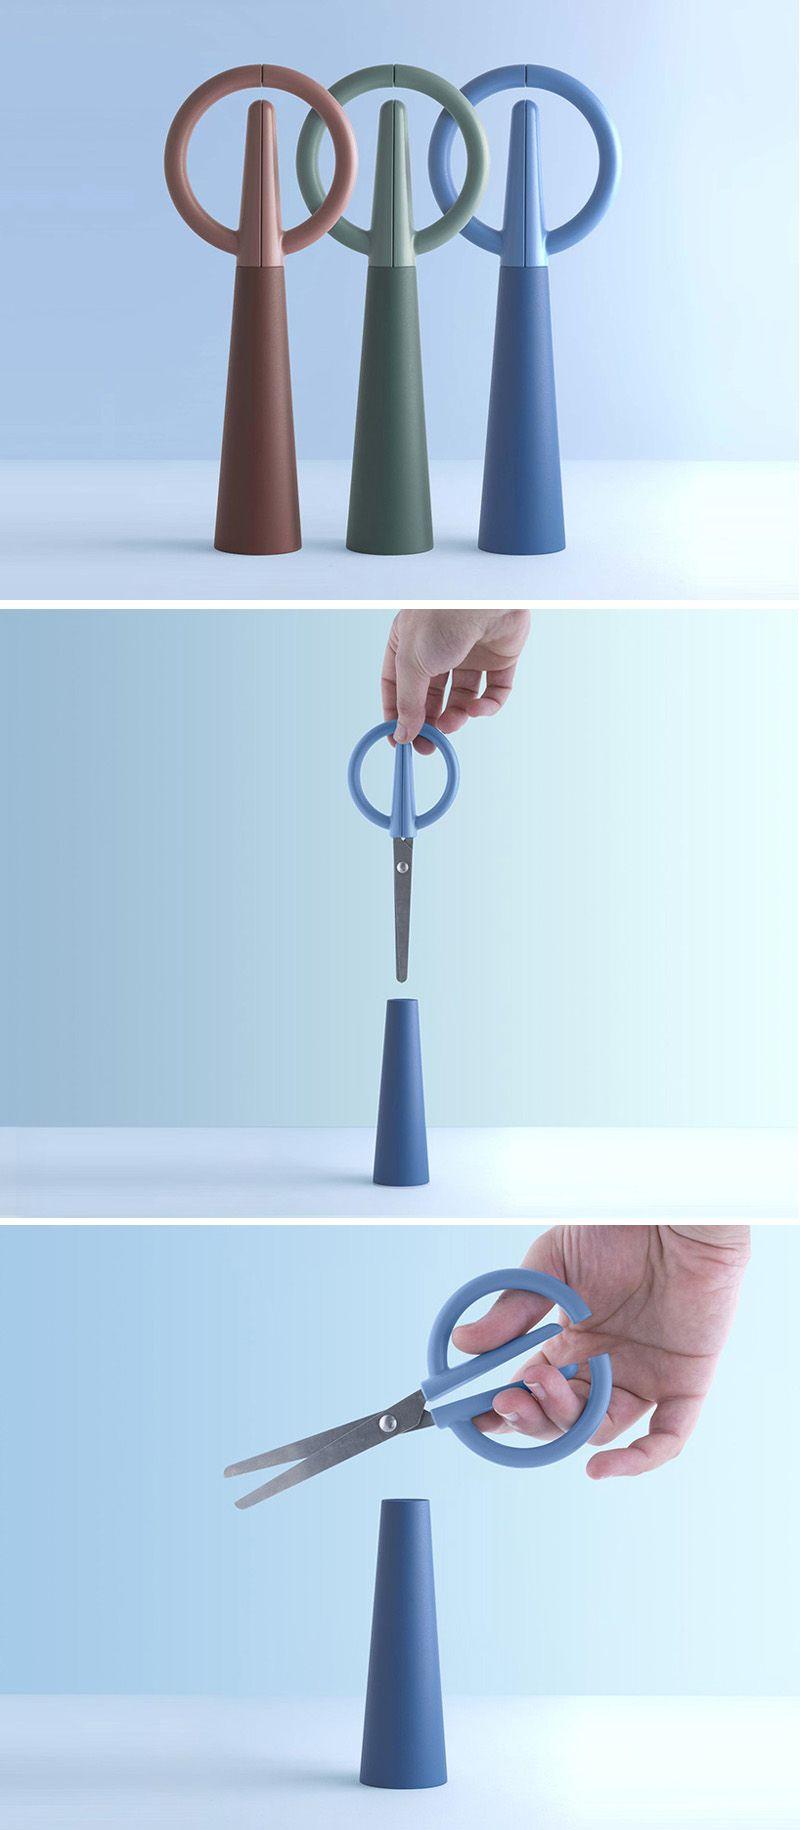 Alessio Romano Designs Scissors Hidden As A Decorative Object